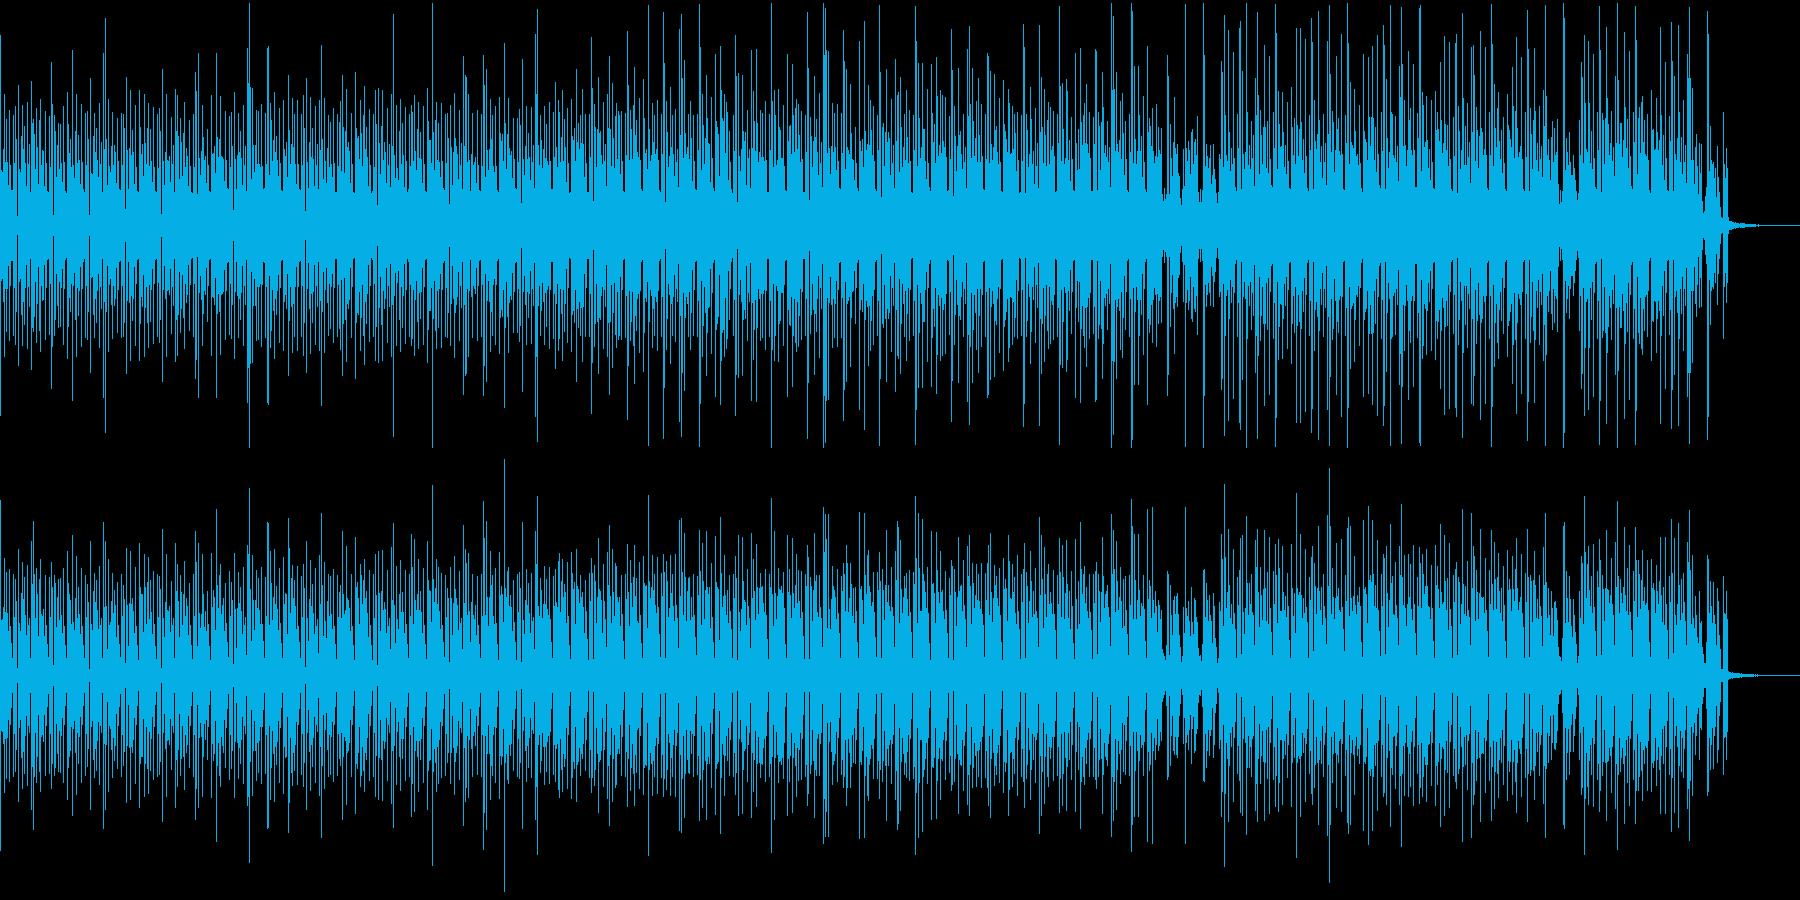 機械的な状況に合うハウスの再生済みの波形